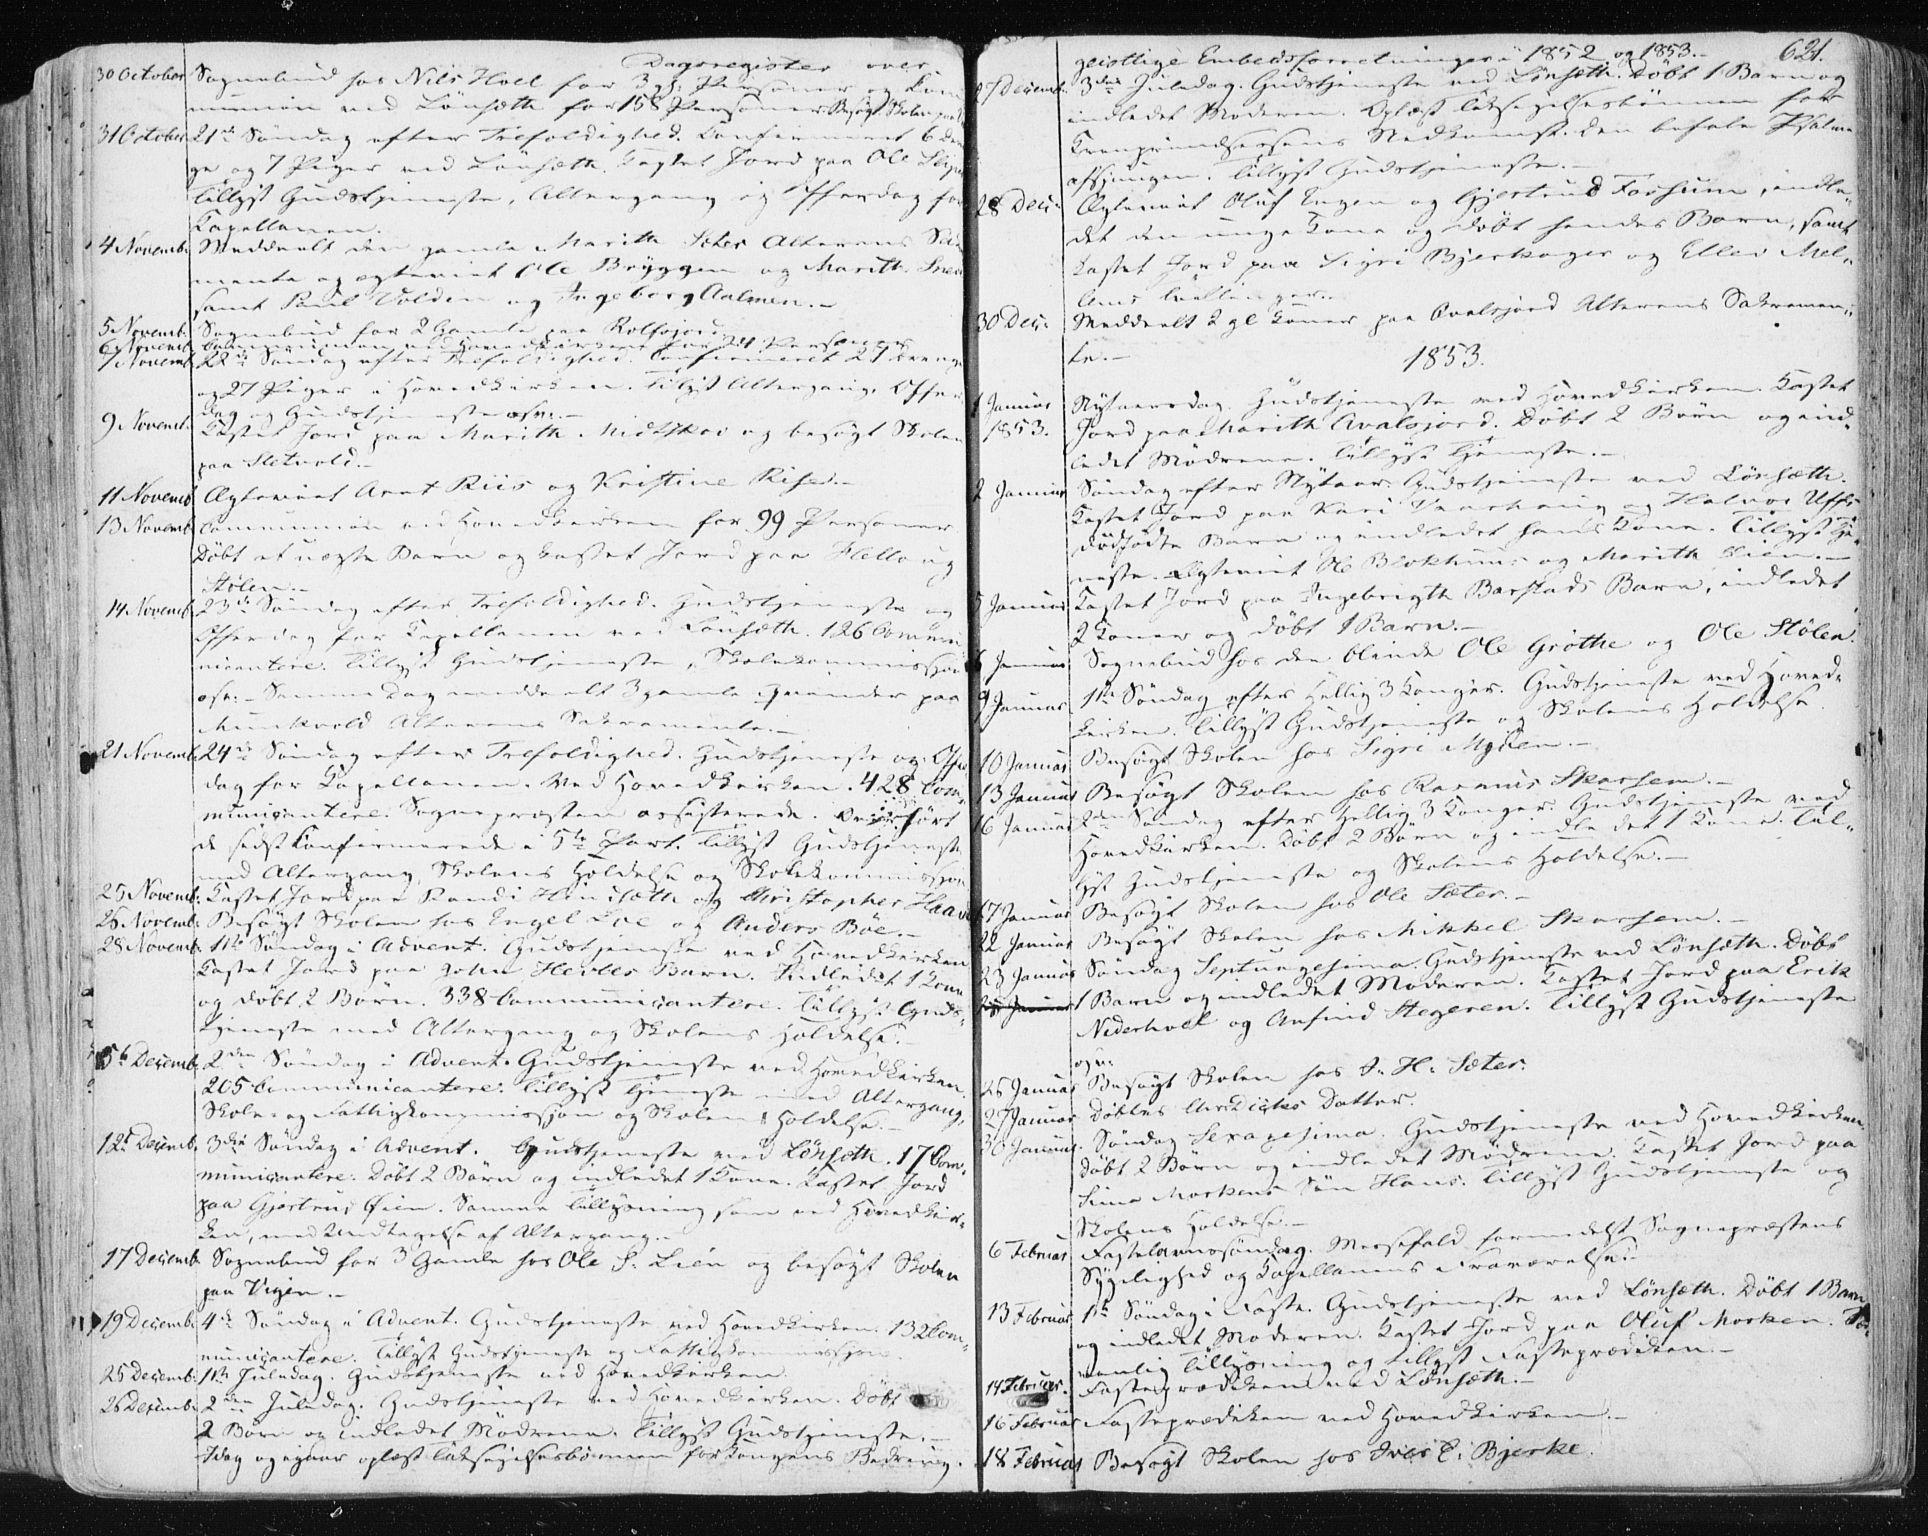 SAT, Ministerialprotokoller, klokkerbøker og fødselsregistre - Sør-Trøndelag, 678/L0899: Ministerialbok nr. 678A08, 1848-1872, s. 621